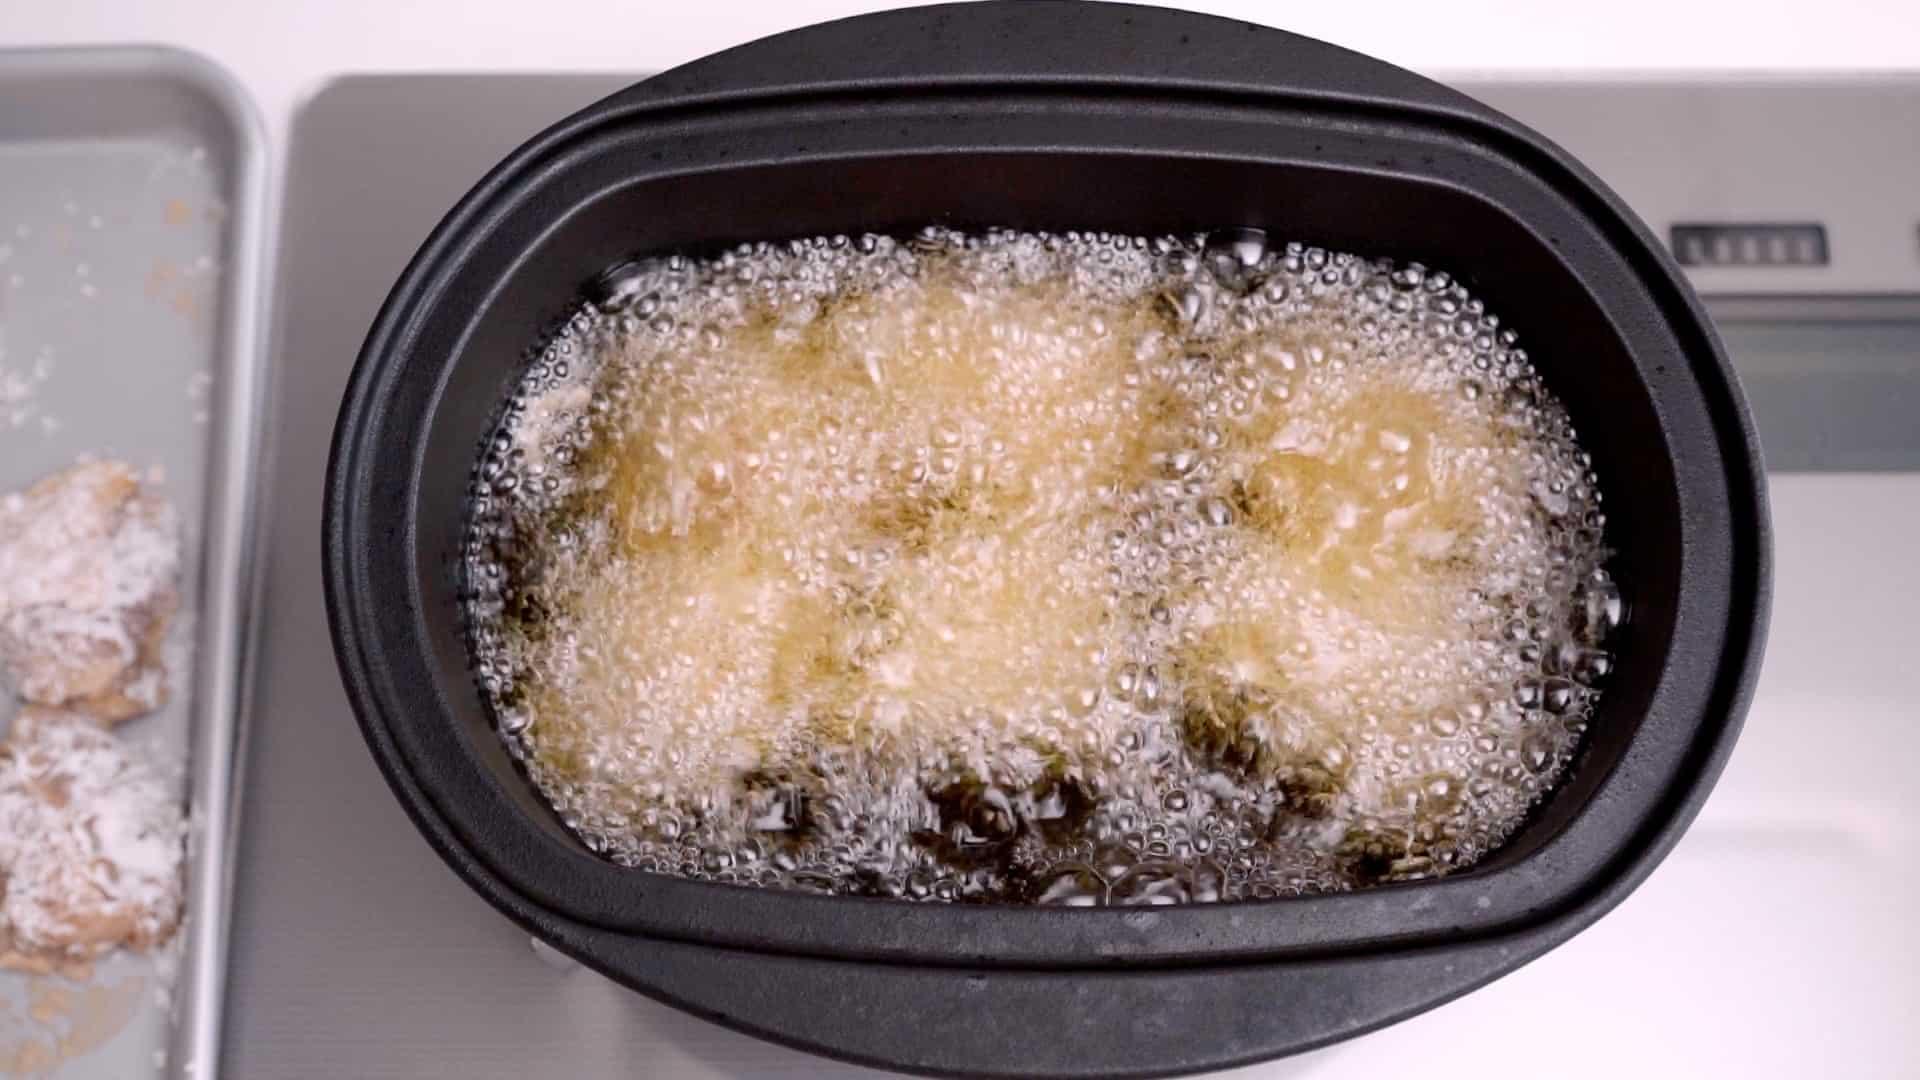 Karaage frying in oil in a cast iron pot.